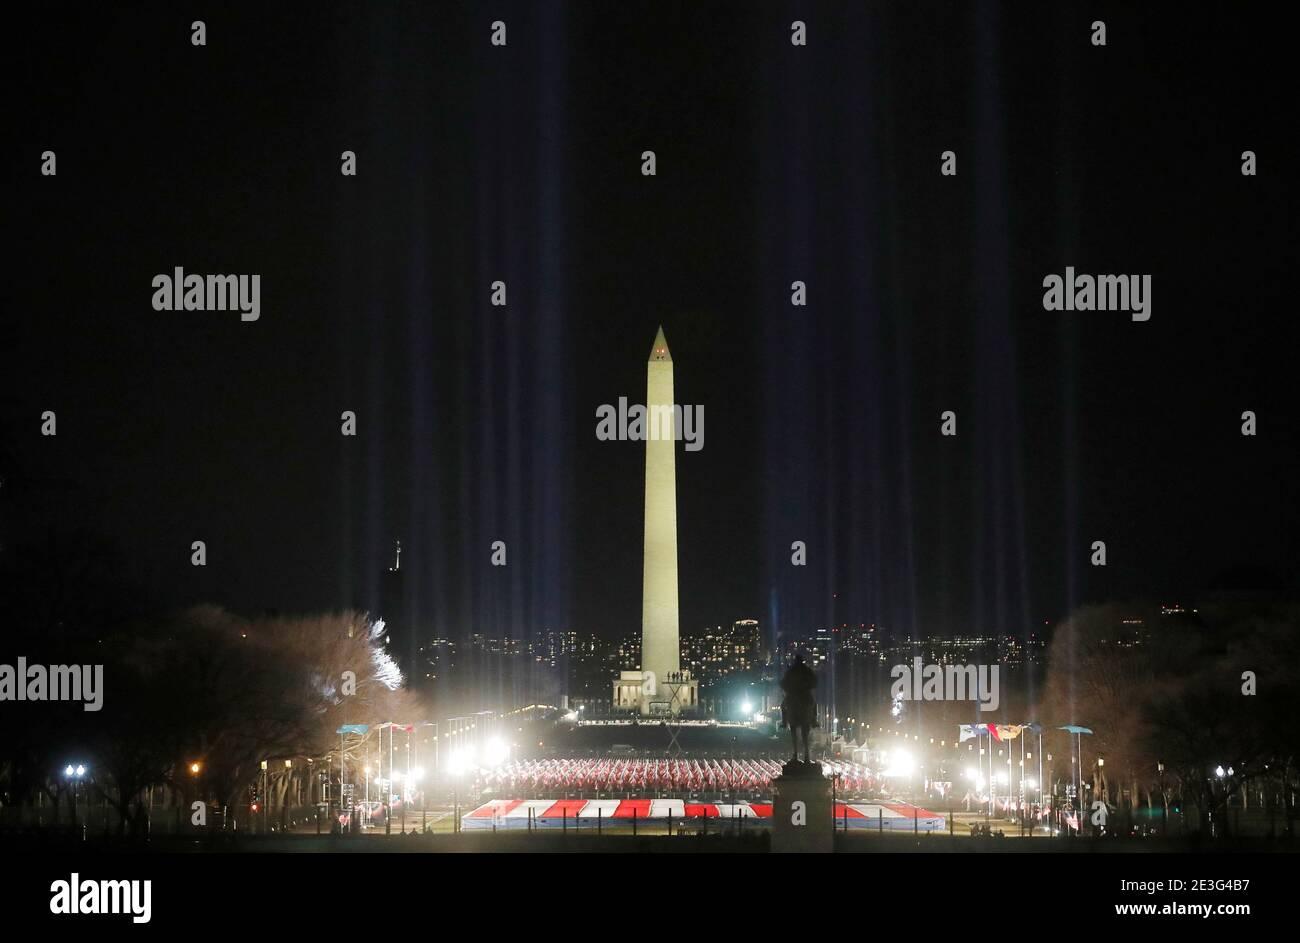 Les projecteurs éclairent le ciel depuis le « champ des drapeaux » du centre commercial national américain en l'honneur de l'inauguration prochaine du président élu des États-Unis, Joe Biden, à Washington, aux États-Unis, le 18 janvier 2021. REUTERS/Jim Bourg Banque D'Images